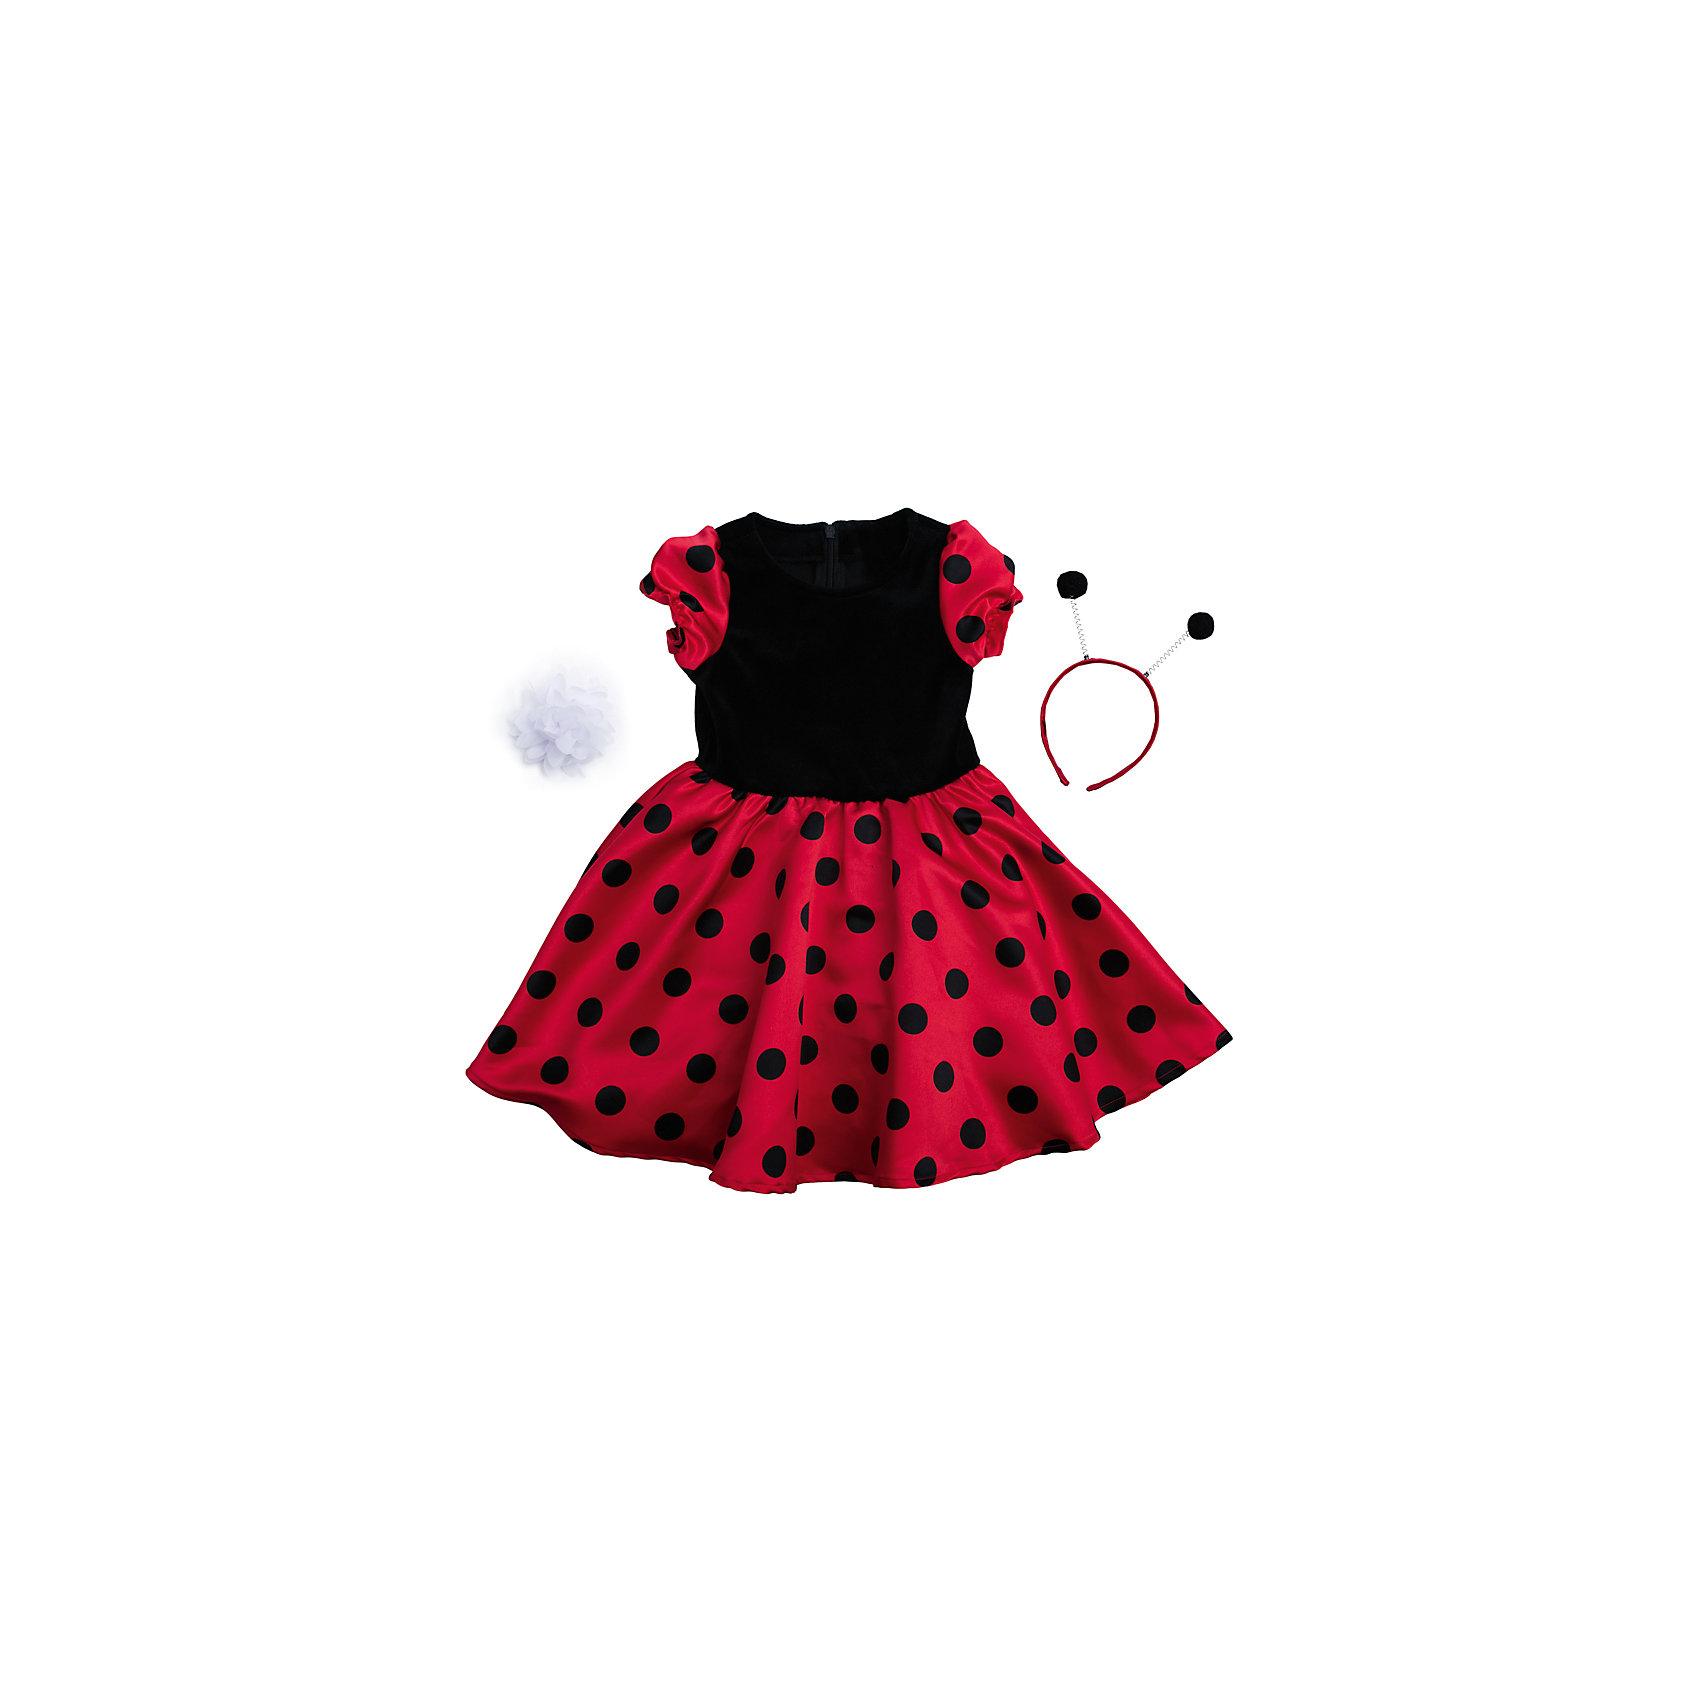 Нарядное платье для девочки PlayTodayОдежда<br>Платье для девочки от известного бренда PlayToday.<br>Платье с короткими рукавами.<br><br>Модель из комбинарованного материала. Верх выполнен из мягкого велюра, юбка и рукава – из сатина с легким матовым блеском. Застегивается на потайную молнию на спине, рукава-фонарики на мягкой резинке.<br><br>Платье дополнено ободком с рожками божьей коровки и белым цветком, чтобы завершить нарядный образ.<br>Состав:<br>Верх: 75% хлопок, 25% полиамид, подкладка: 100% хлопок<br><br>Ширина мм: 236<br>Глубина мм: 16<br>Высота мм: 184<br>Вес г: 177<br>Цвет: красный<br>Возраст от месяцев: 72<br>Возраст до месяцев: 84<br>Пол: Женский<br>Возраст: Детский<br>Размер: 122,104,98,116,110,128<br>SKU: 5113876